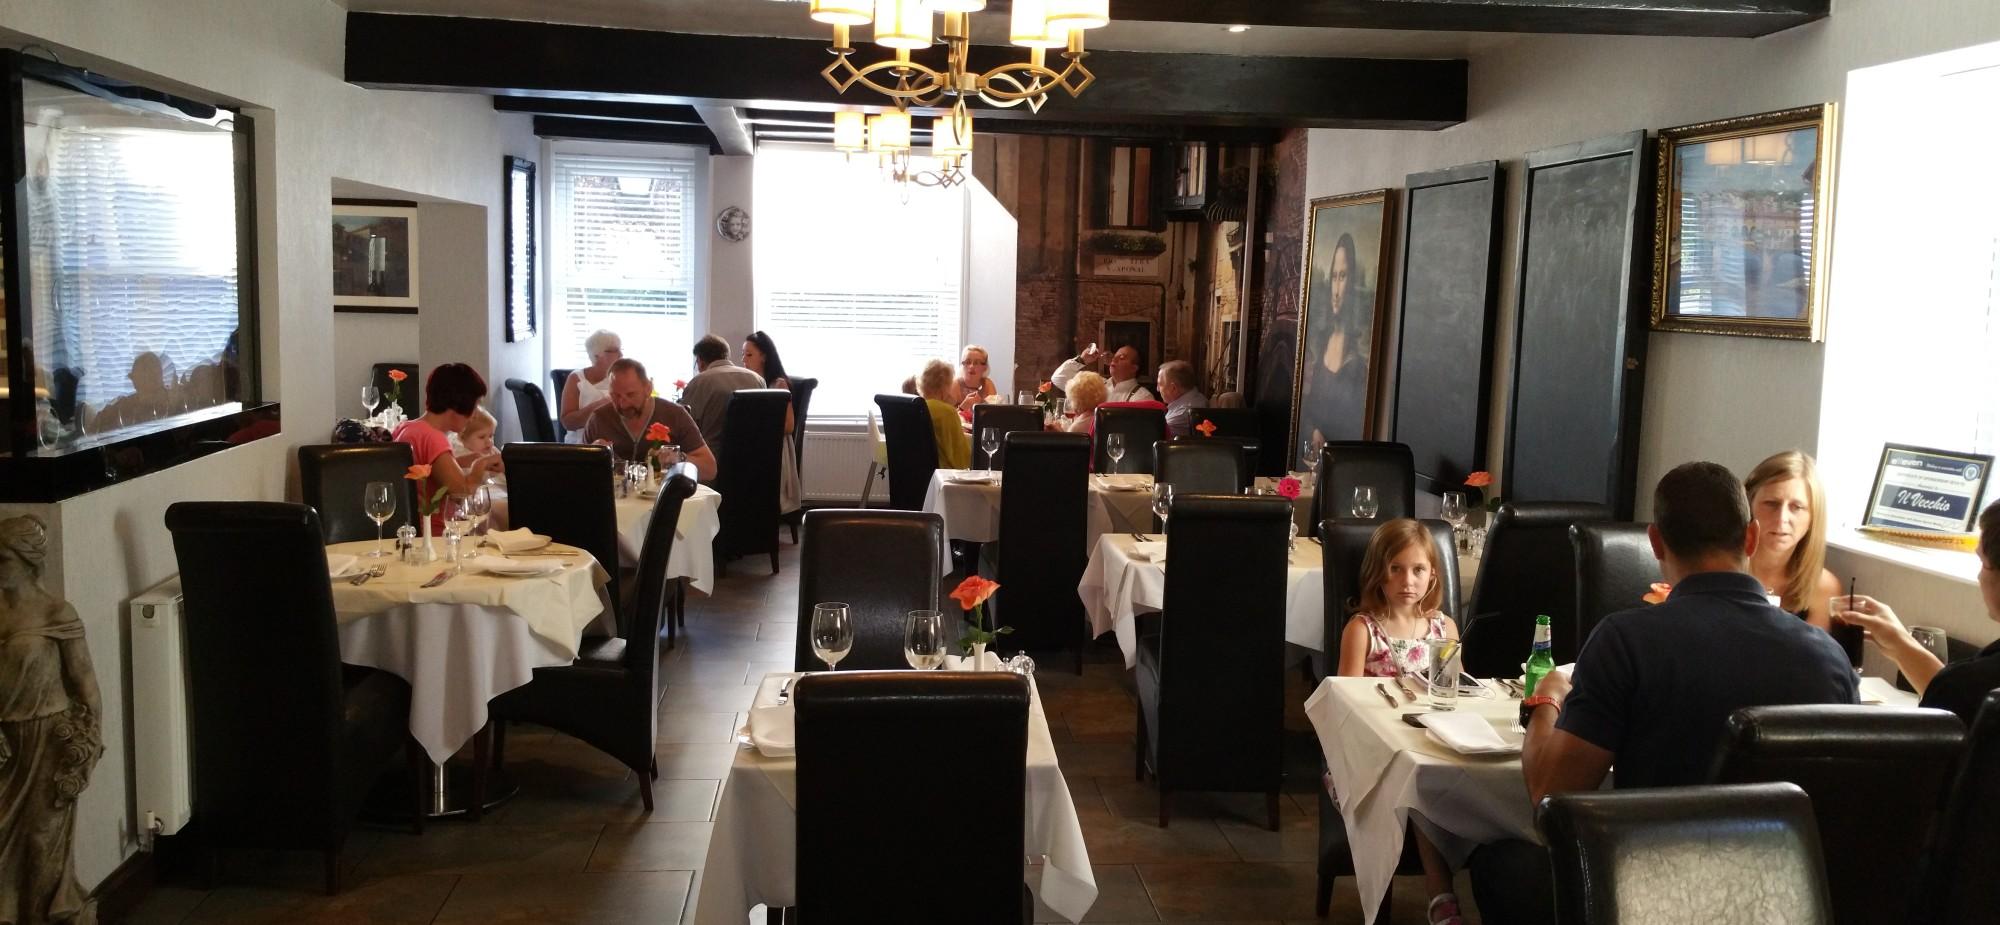 Il Vecchio Authentic Italian Restaurant In Heywood